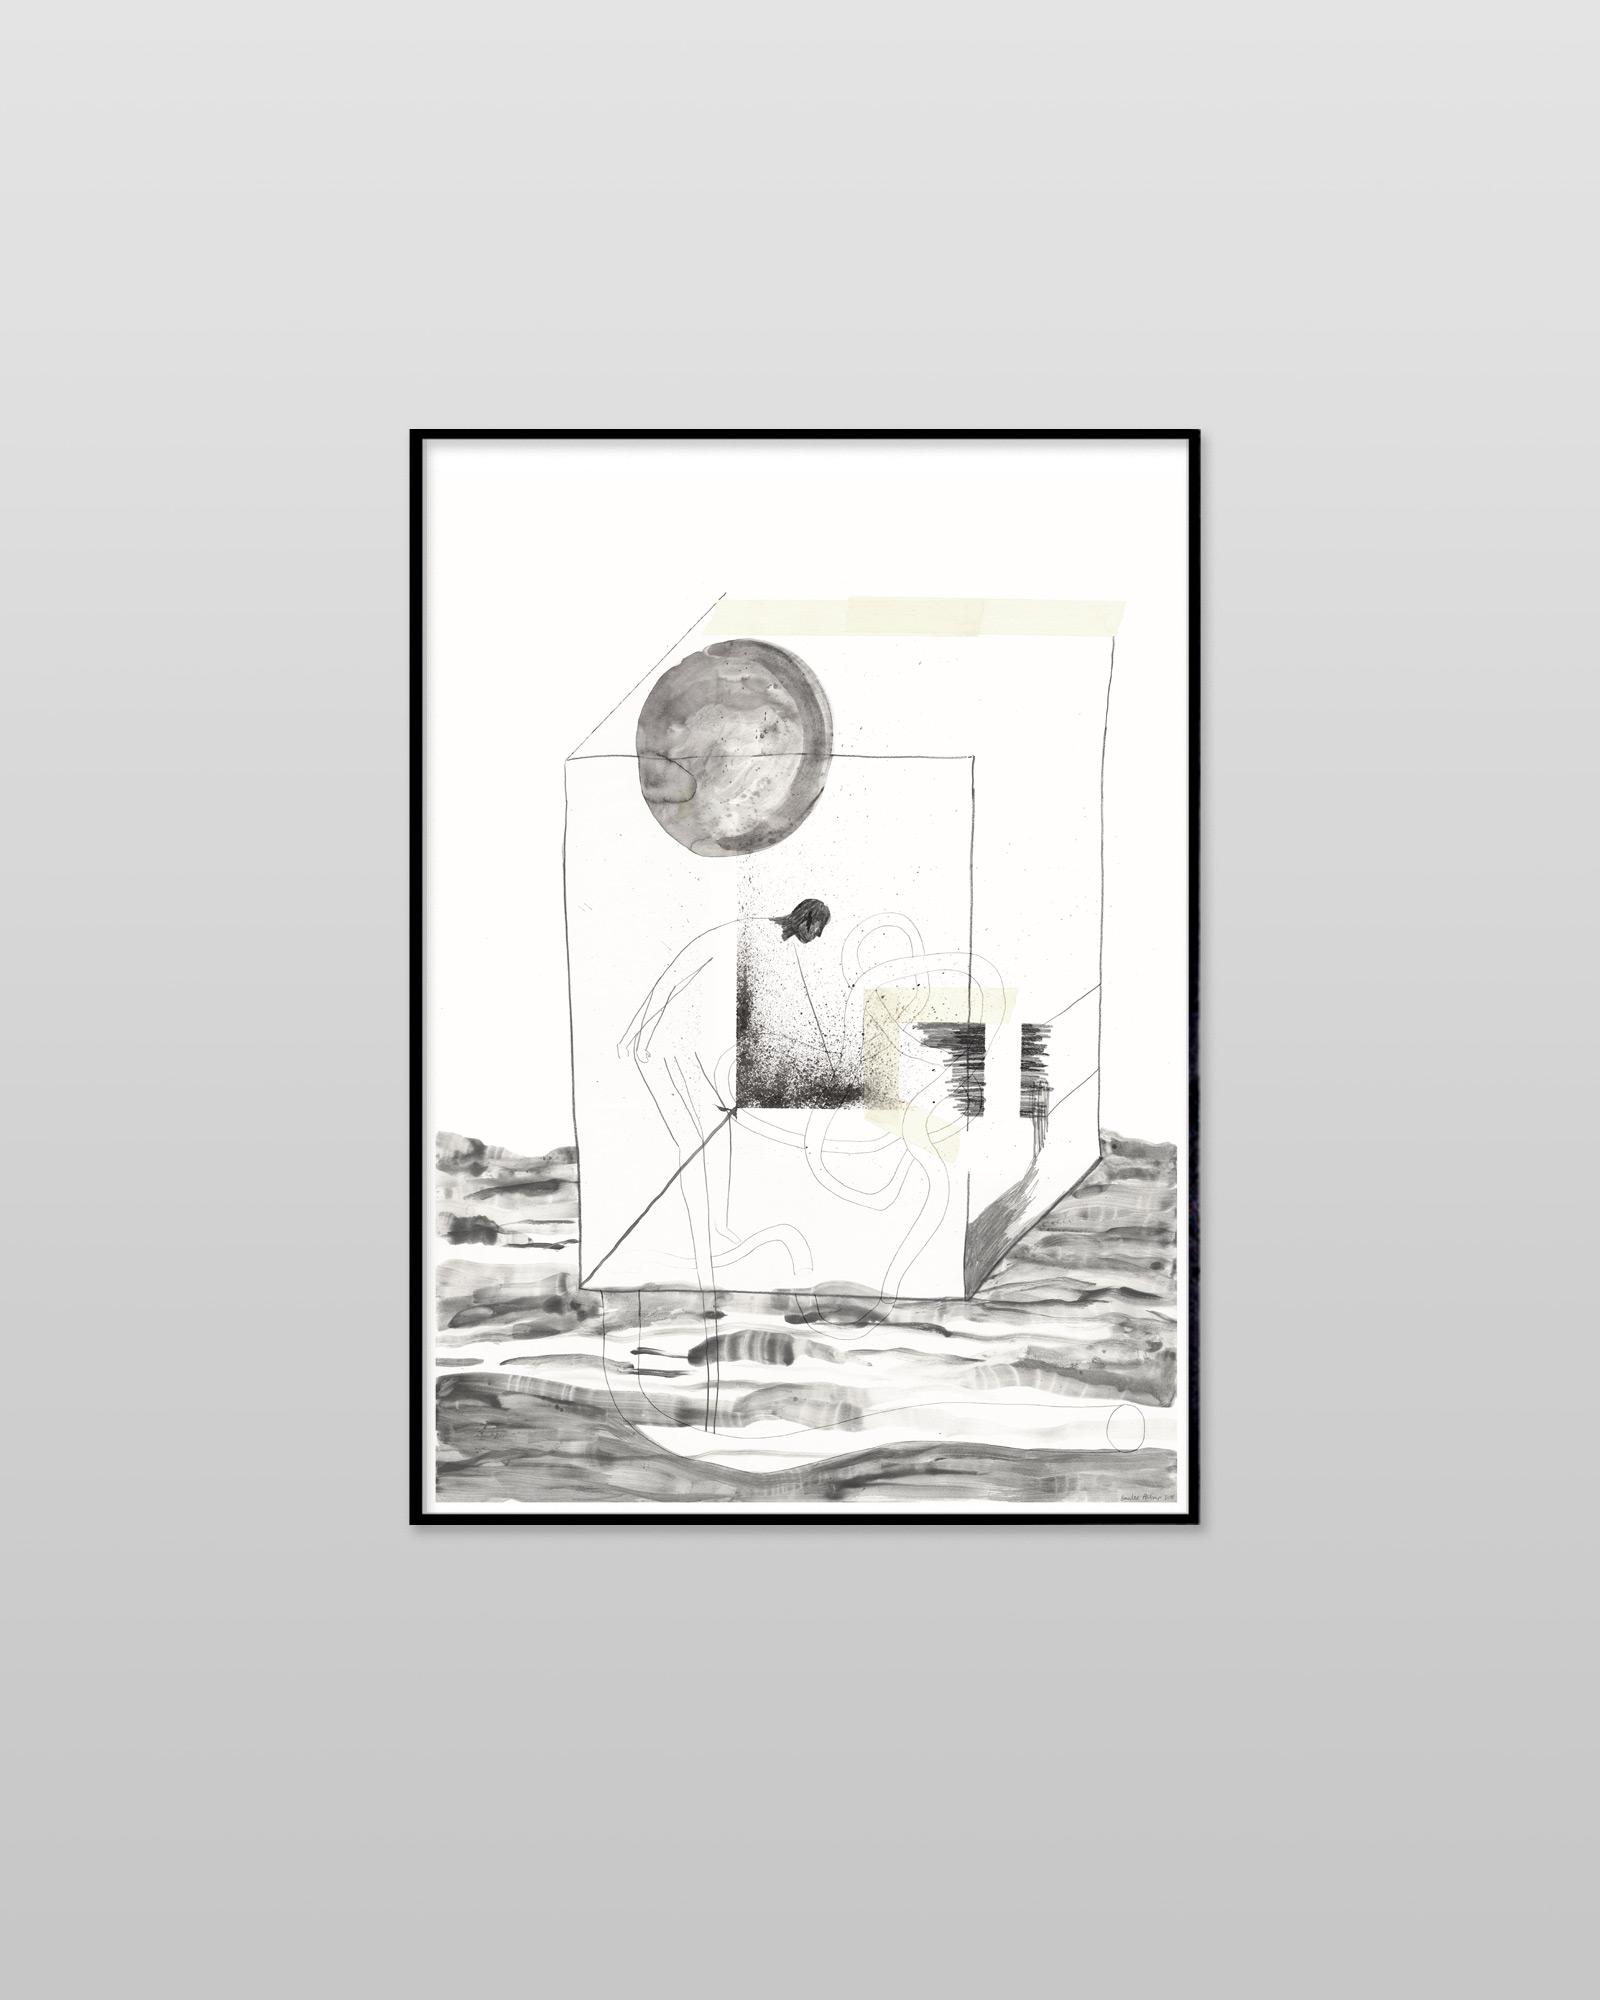 kunsttryk, gicleé, æstetiske, landskab, minimalistiske, monokrome, surrealistiske, arkitektur, kroppe, natur, sorte, hvide, blæk, papir, sort-hvide, samtidskunst, dansk, dekorative, design, interiør, bolig-indretning, moderne, moderne-kunst, nordisk, plakater, tryk, skandinavisk, Køb original kunst og kunstplakater. Malerier, tegninger, limited edition kunsttryk & plakater af dygtige kunstnere.